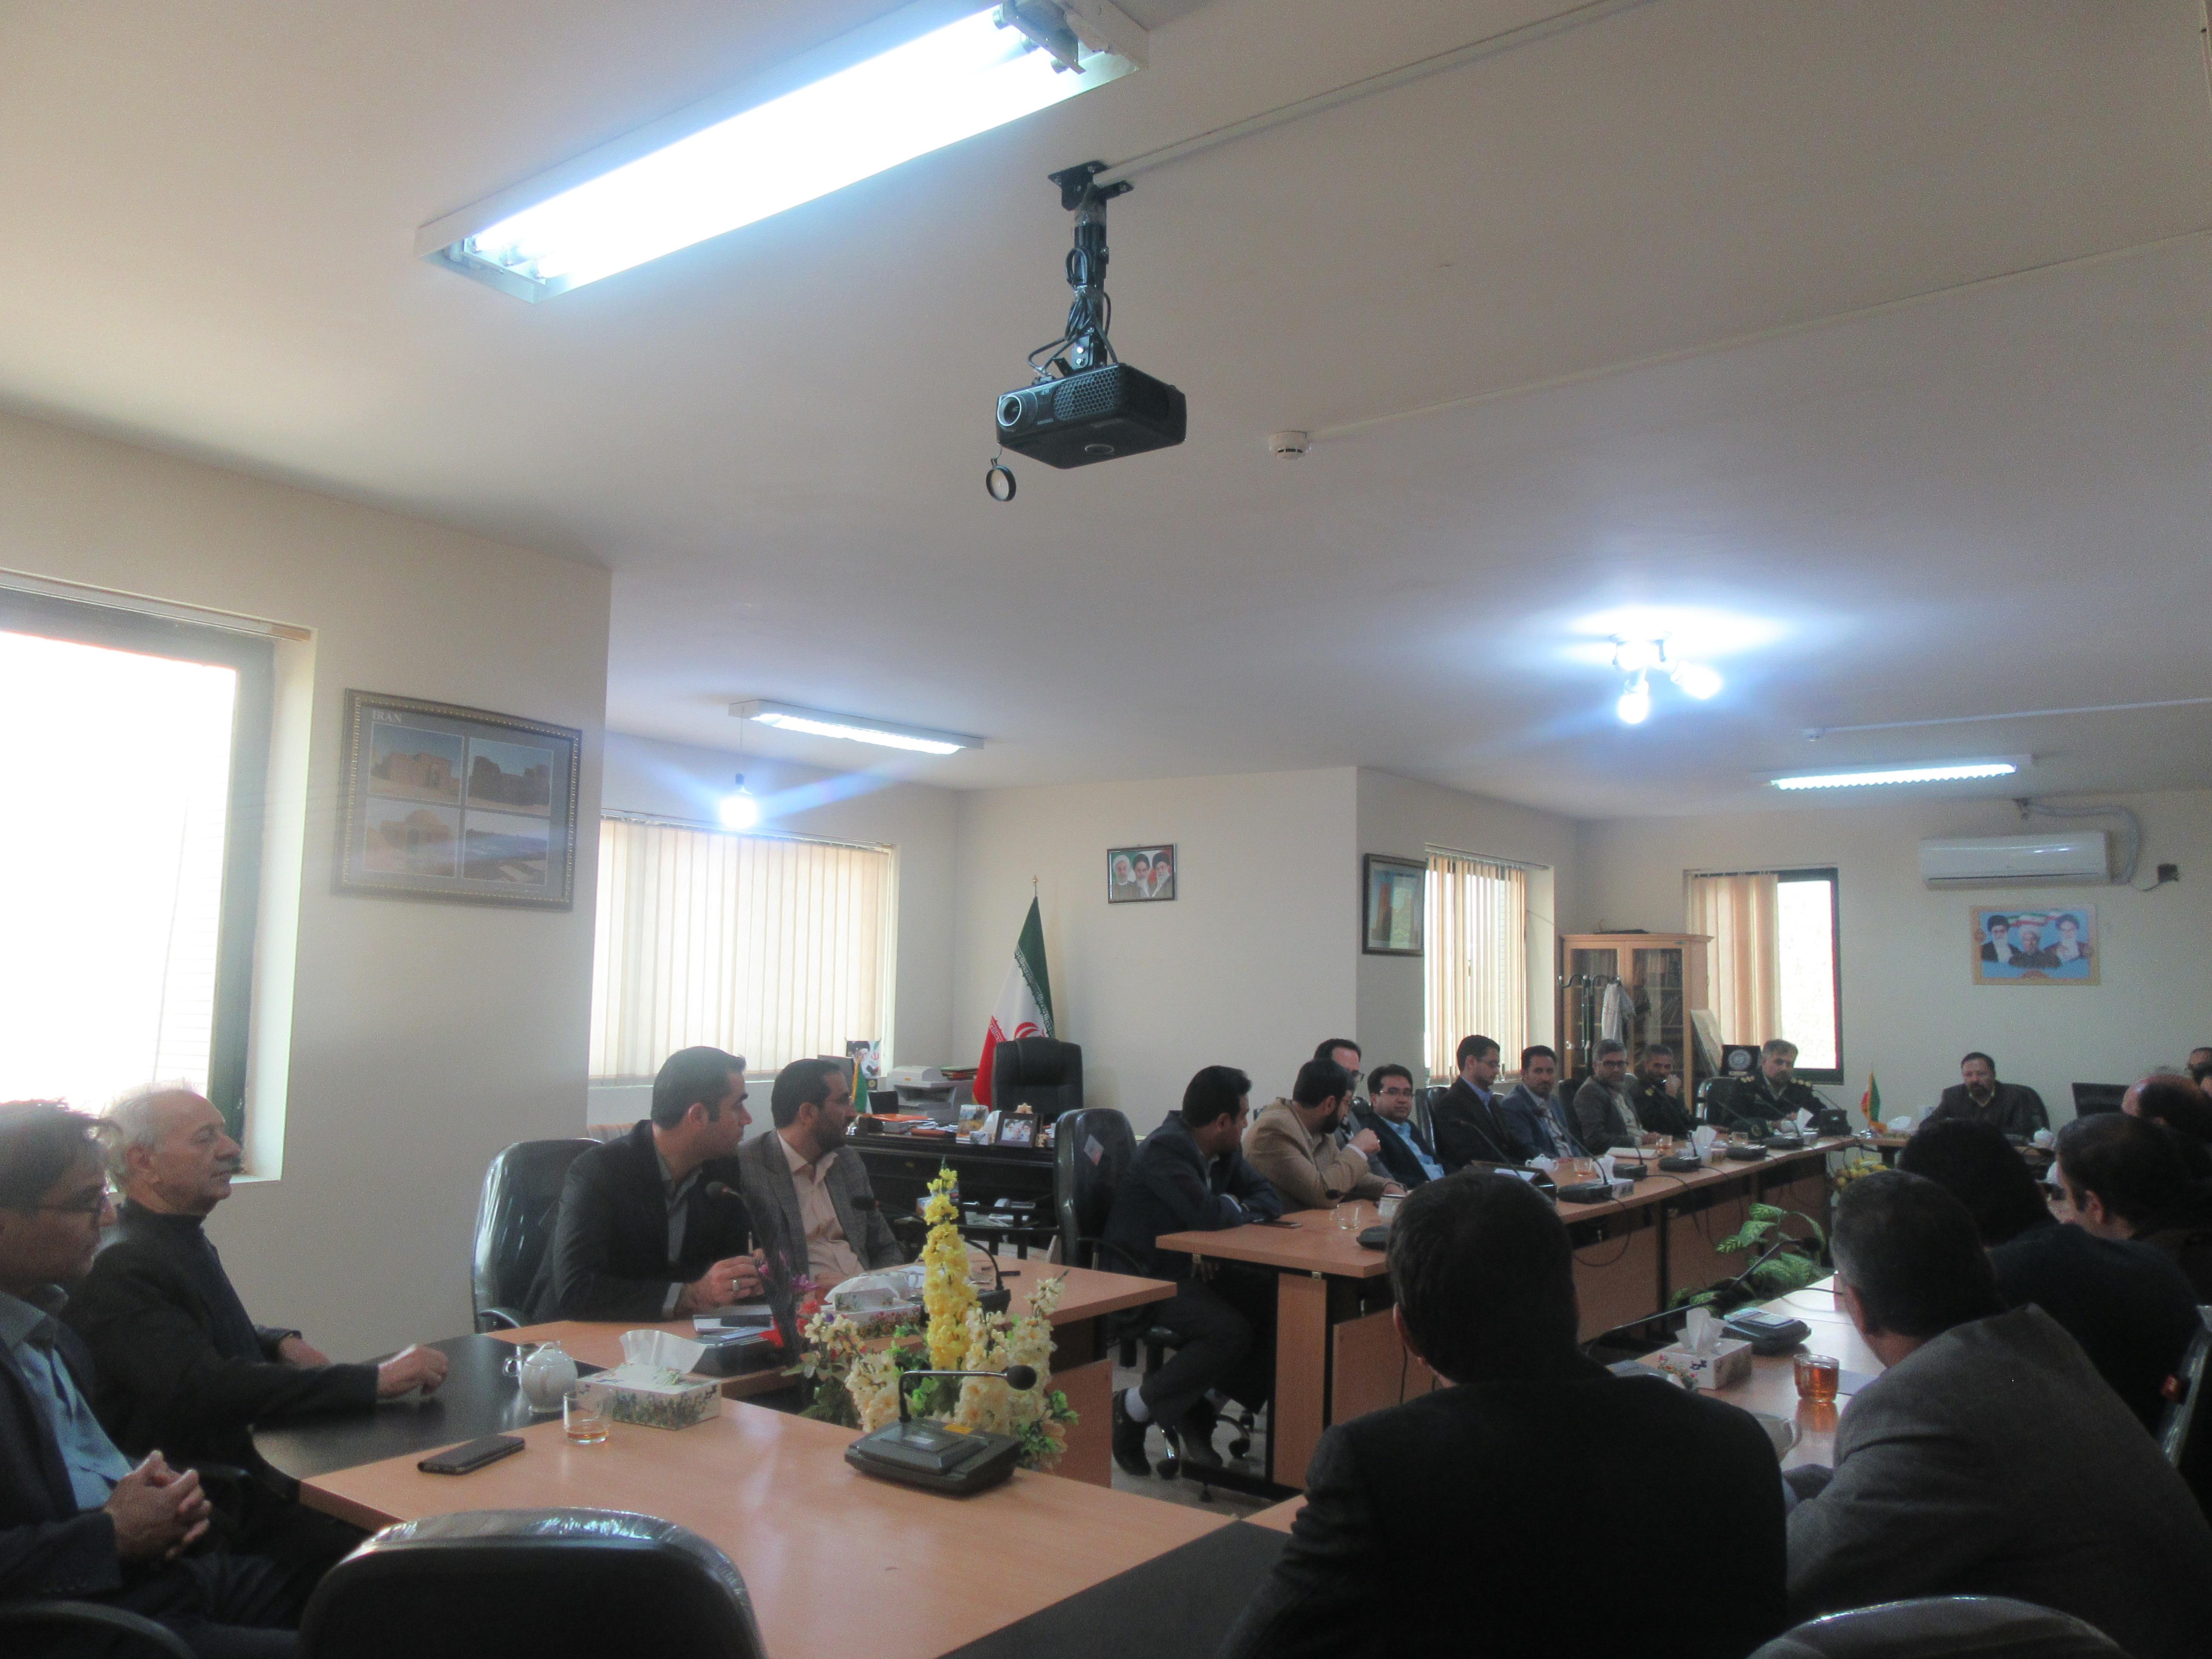 جلسه هماهنگی برگزاری مانور سراسری زلزله در مدارس شهرستان خواف